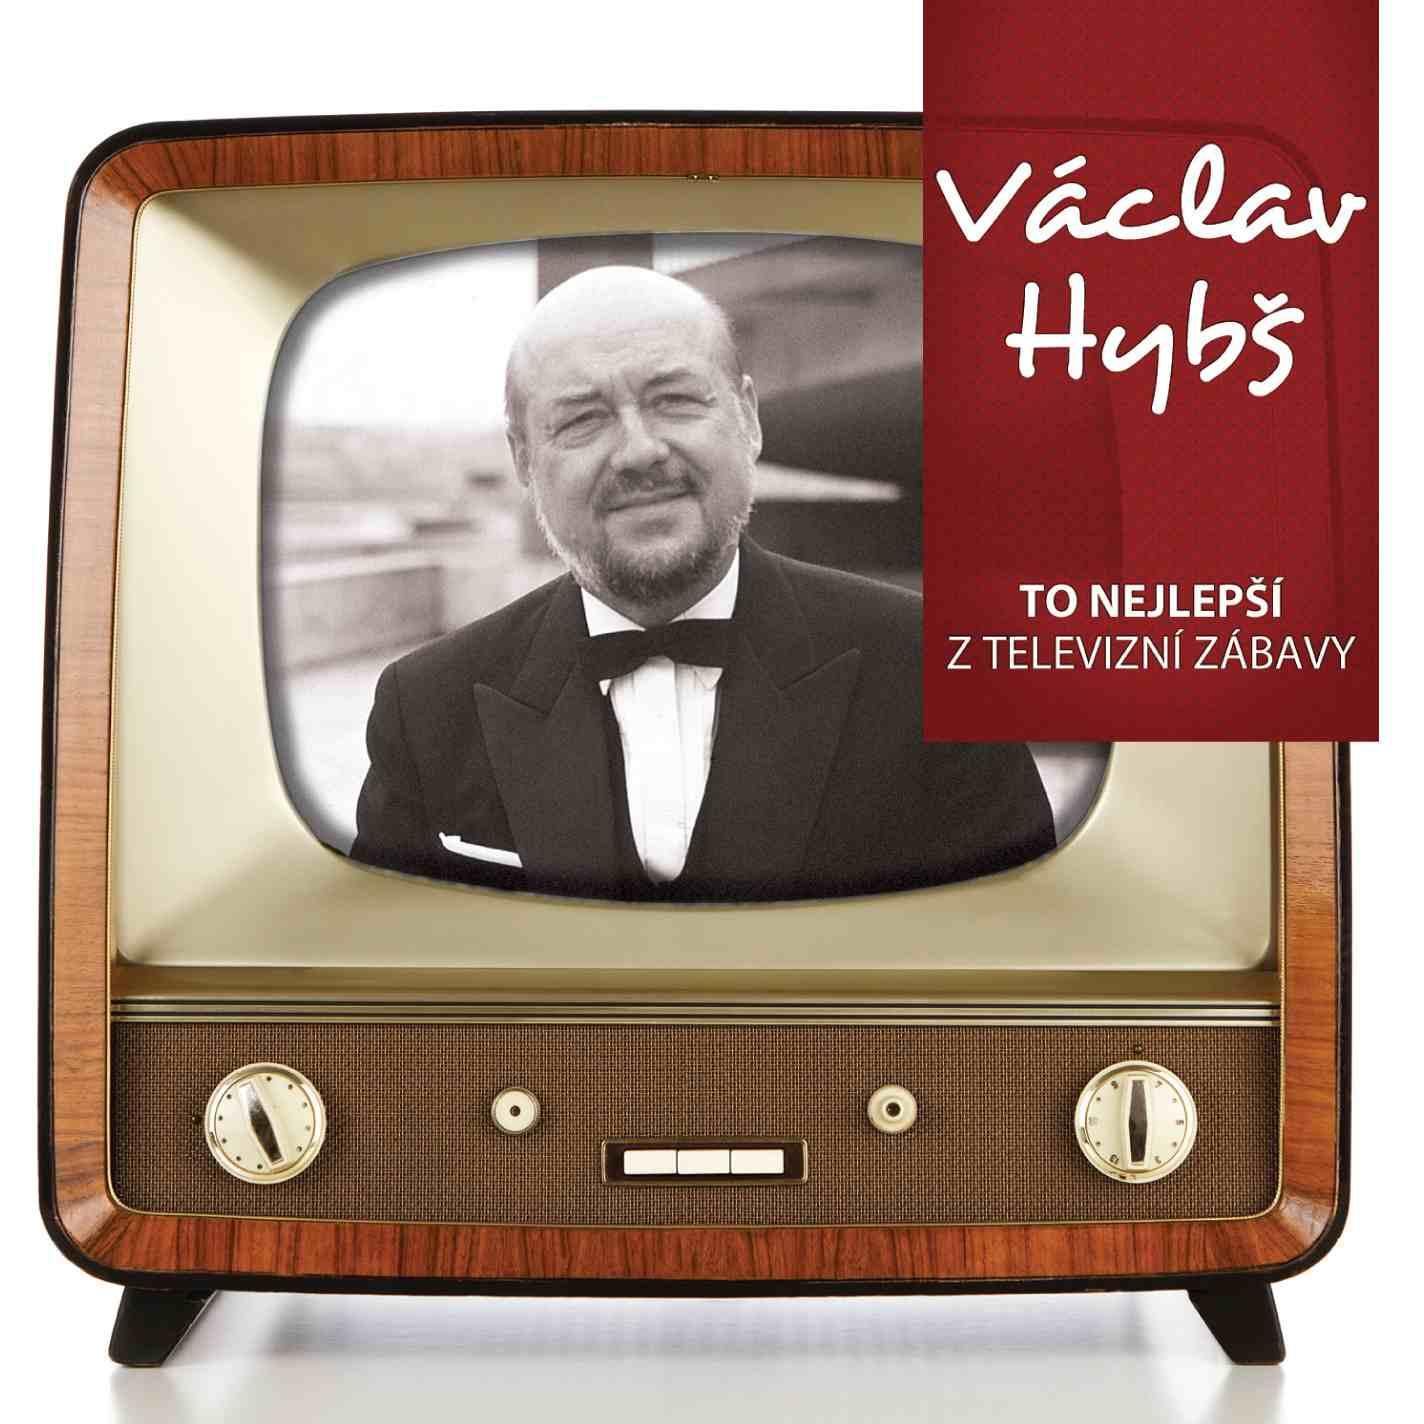 Václav Hybš - To nej z TV zábavy